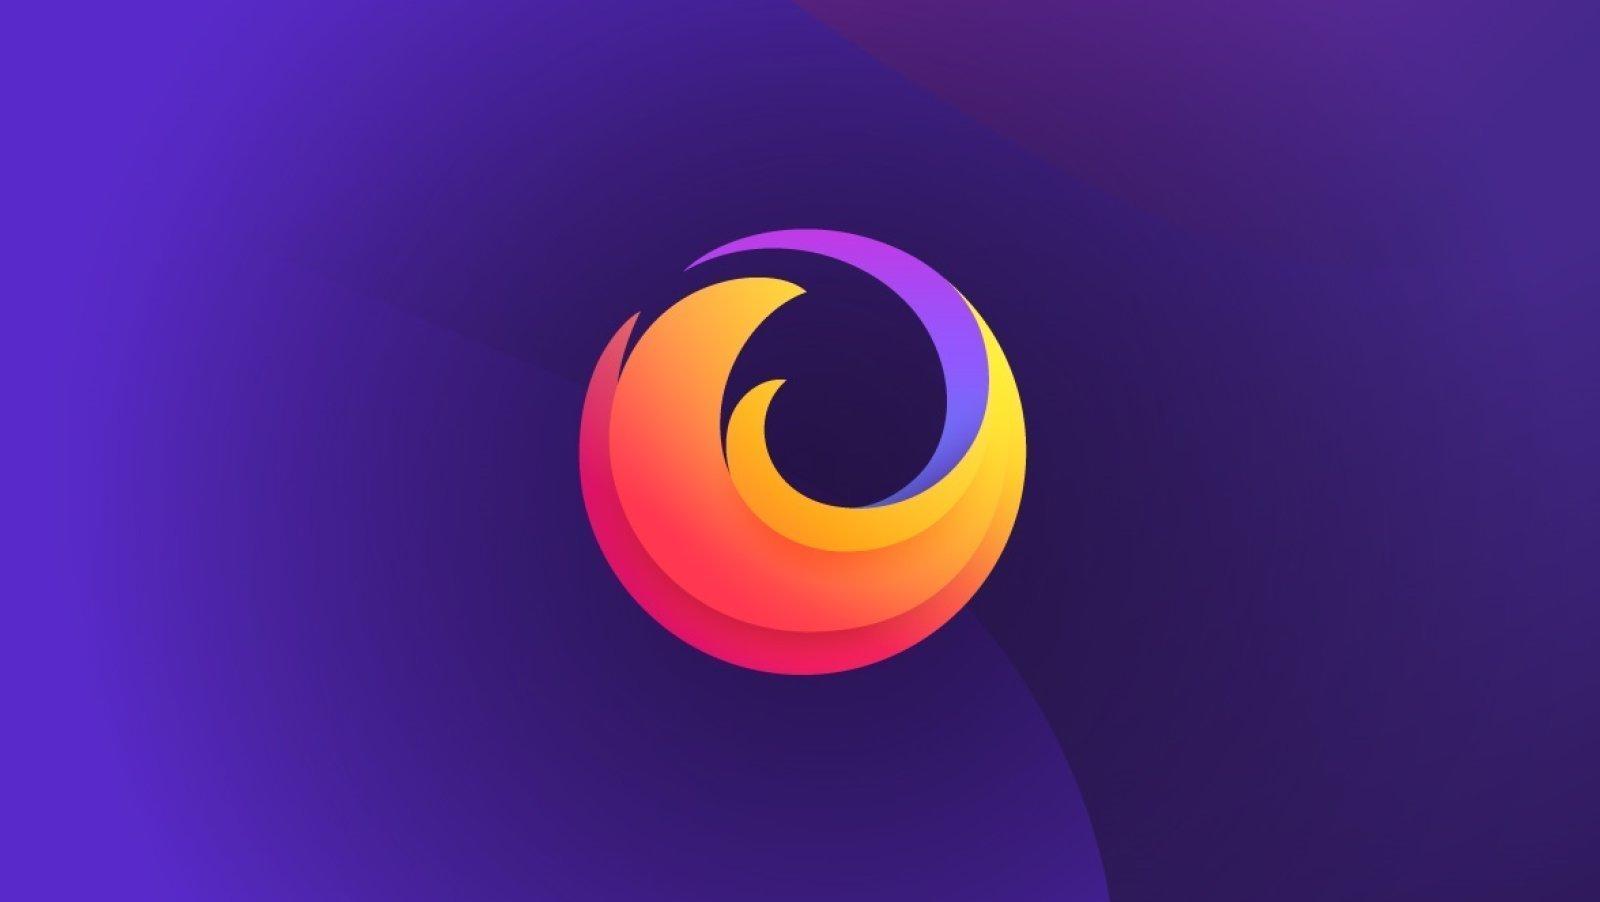 Firefox Actualizare cu MULTE NOUTATI Lansata astazi pe Telefoane